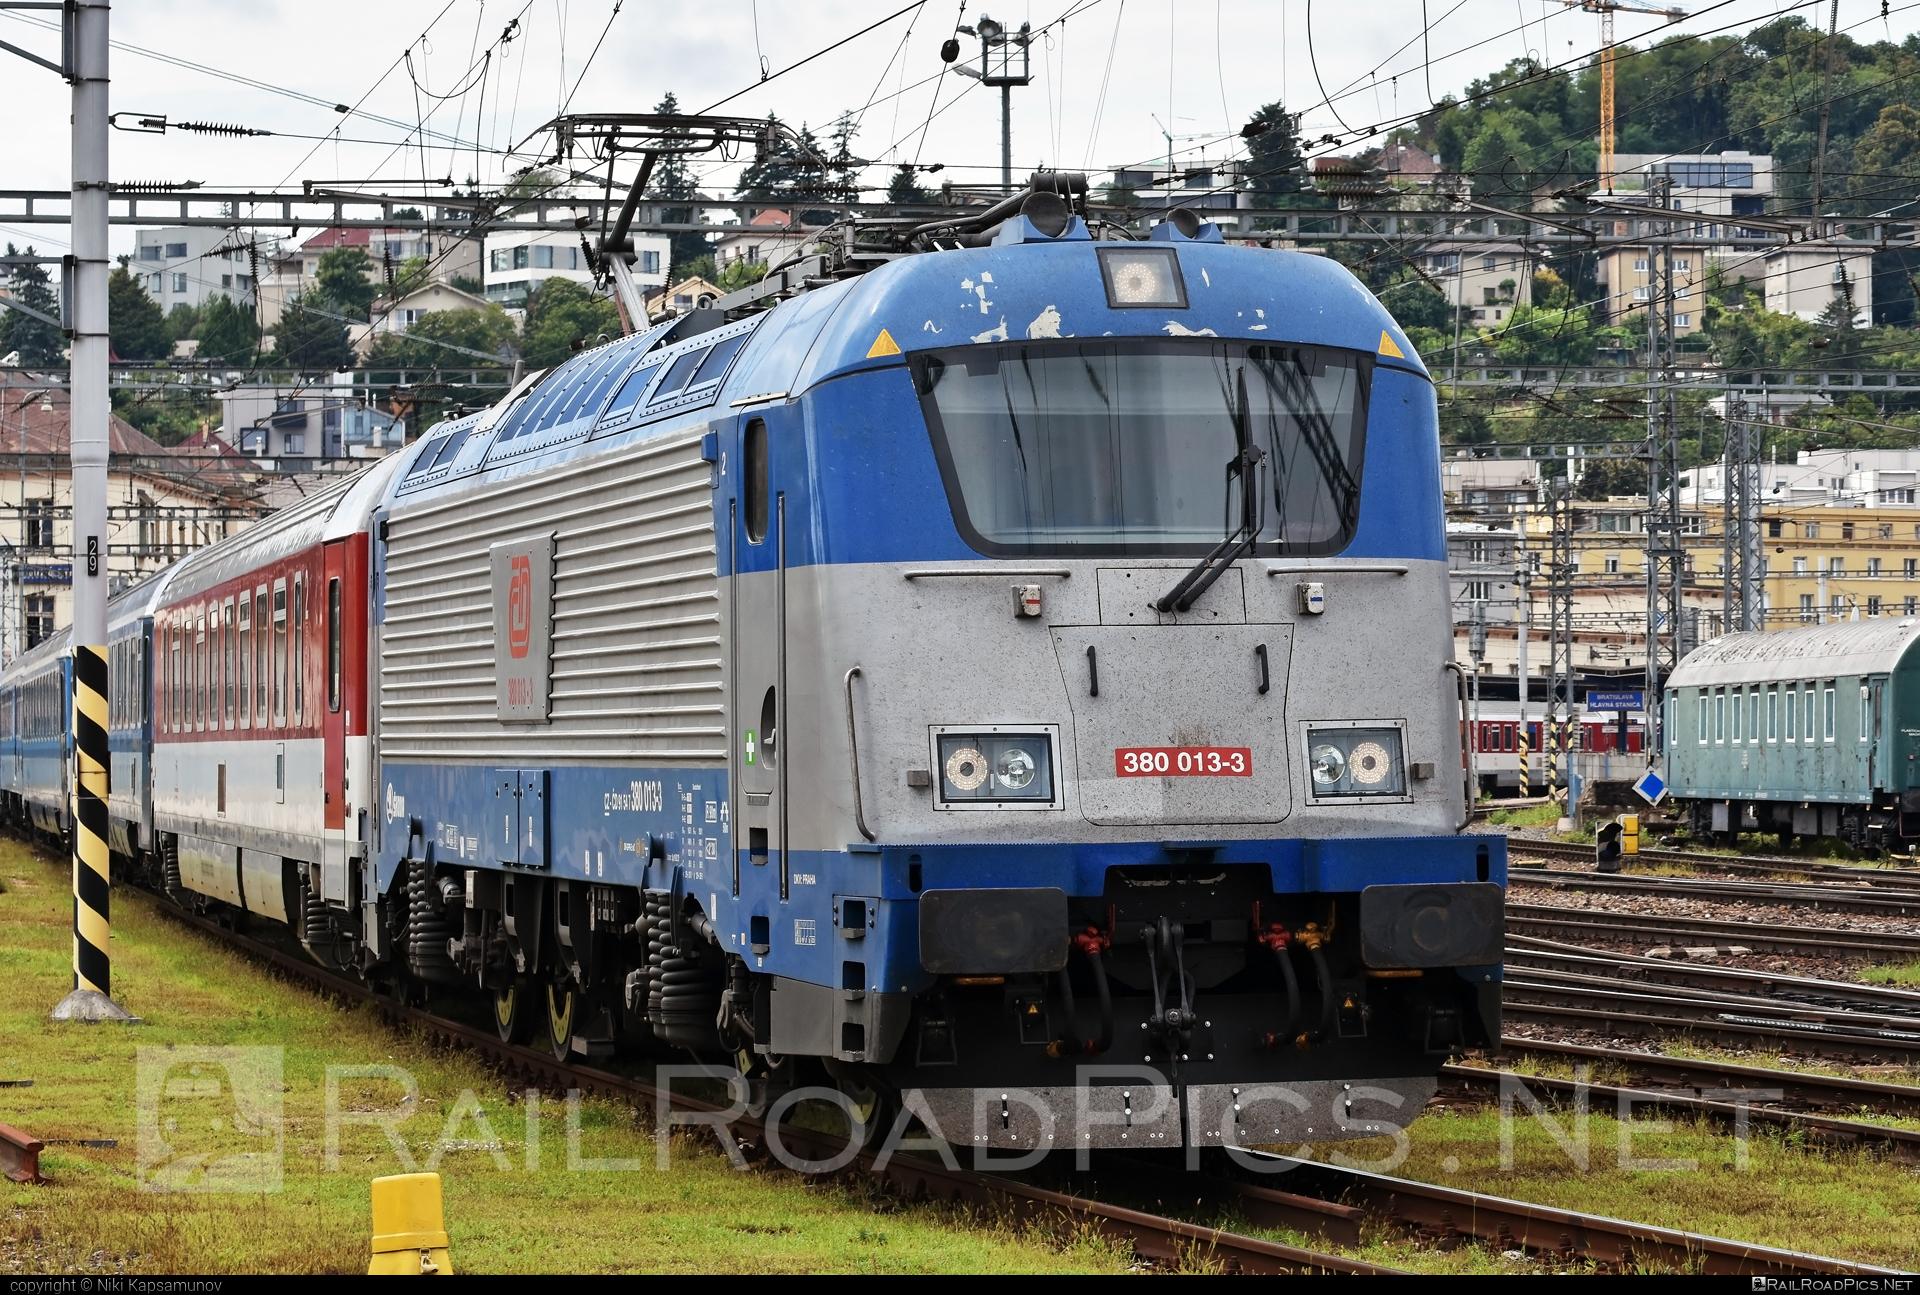 Škoda 109E1 Emil Zátopek - 380 013-3 operated by České dráhy, a.s. #cd #ceskedrahy #emilzatopeklocomotive #locomotive380 #skoda #skoda109e #skoda109elocomotive